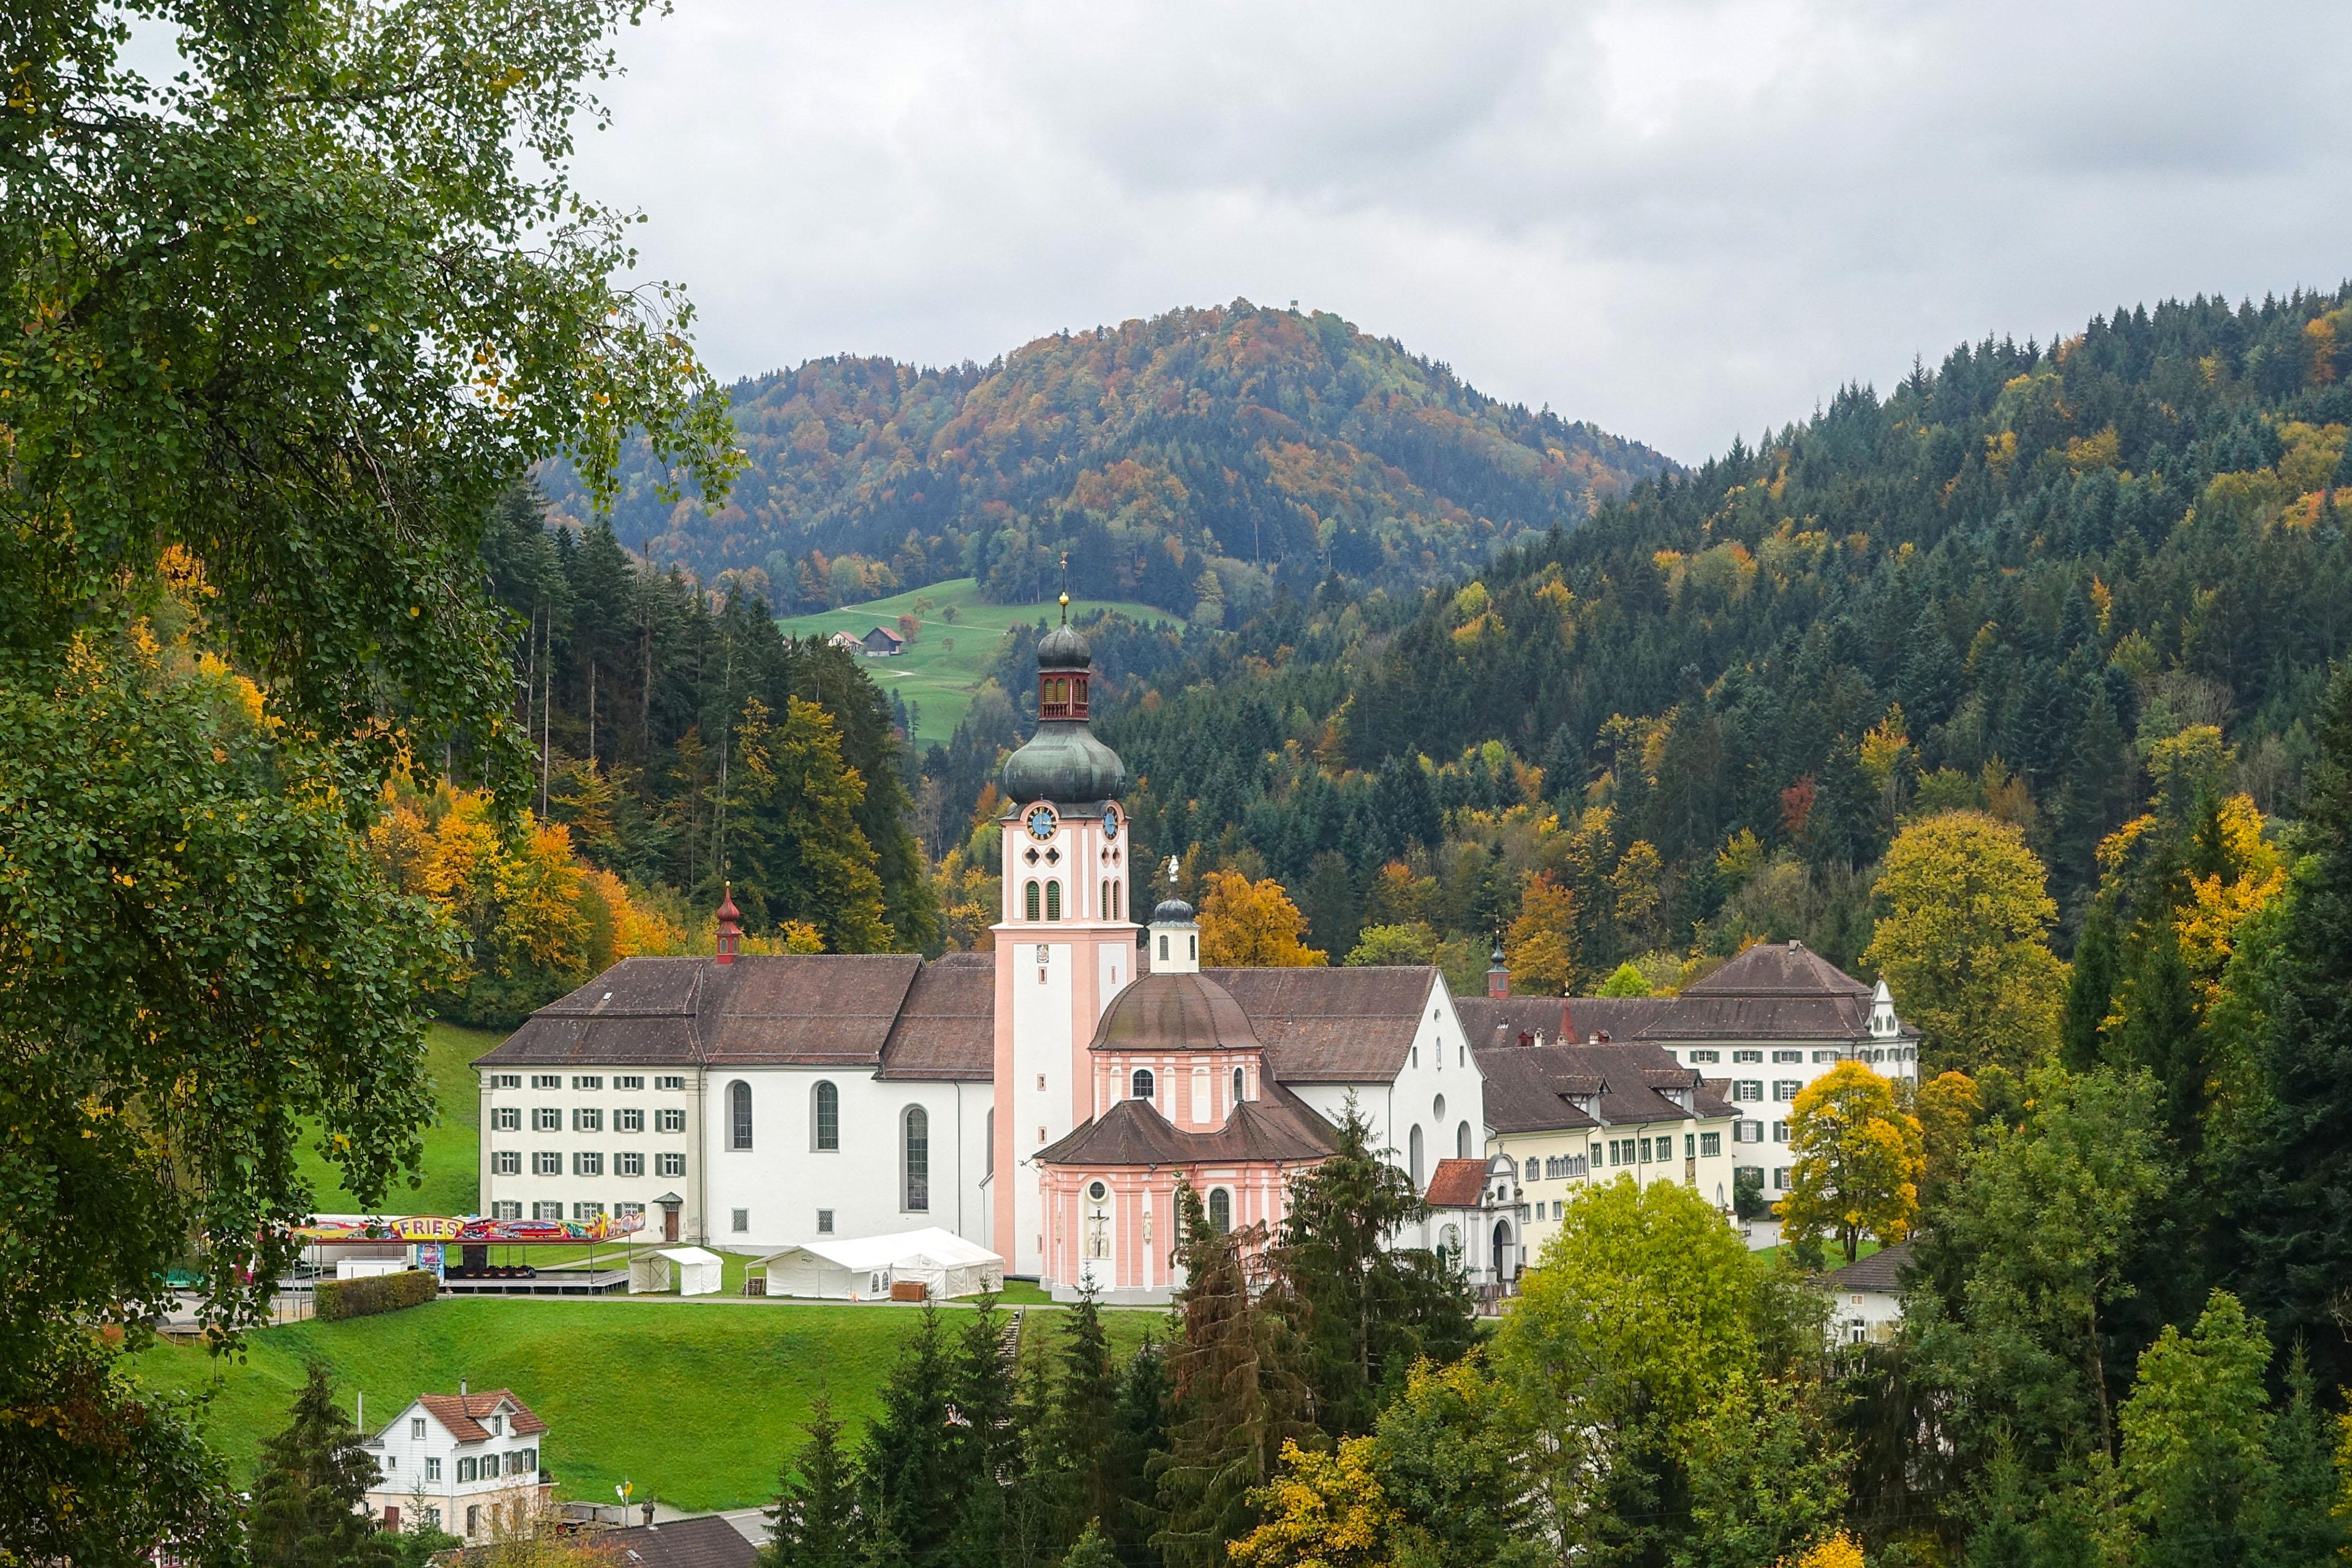 Benediktiner Kloster Fischingen - Home of PILGRIM